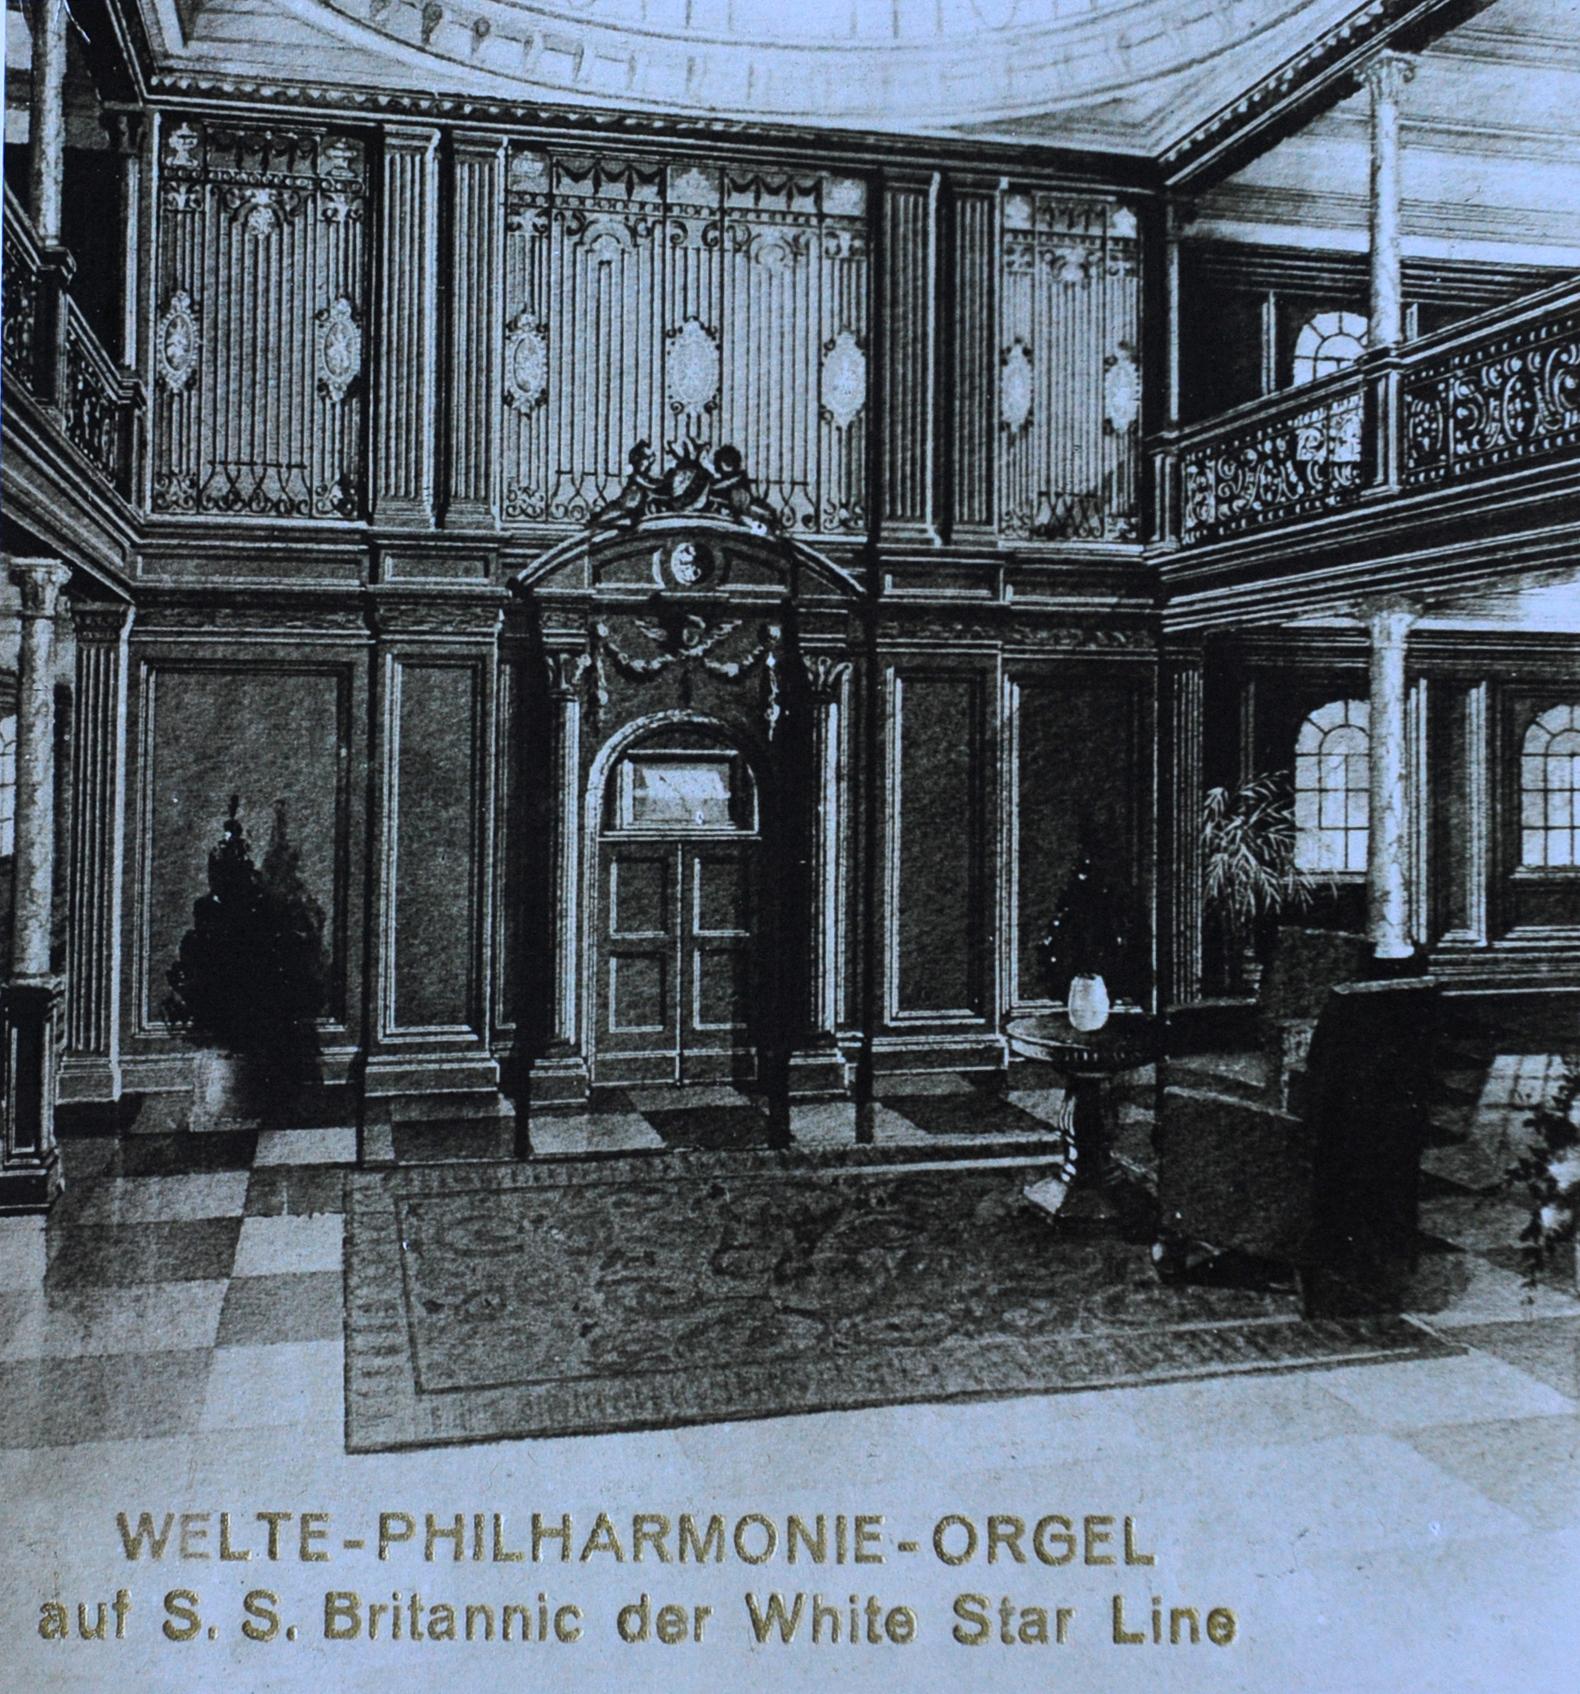 Historische Zeichnung der Britannic-Orgel.